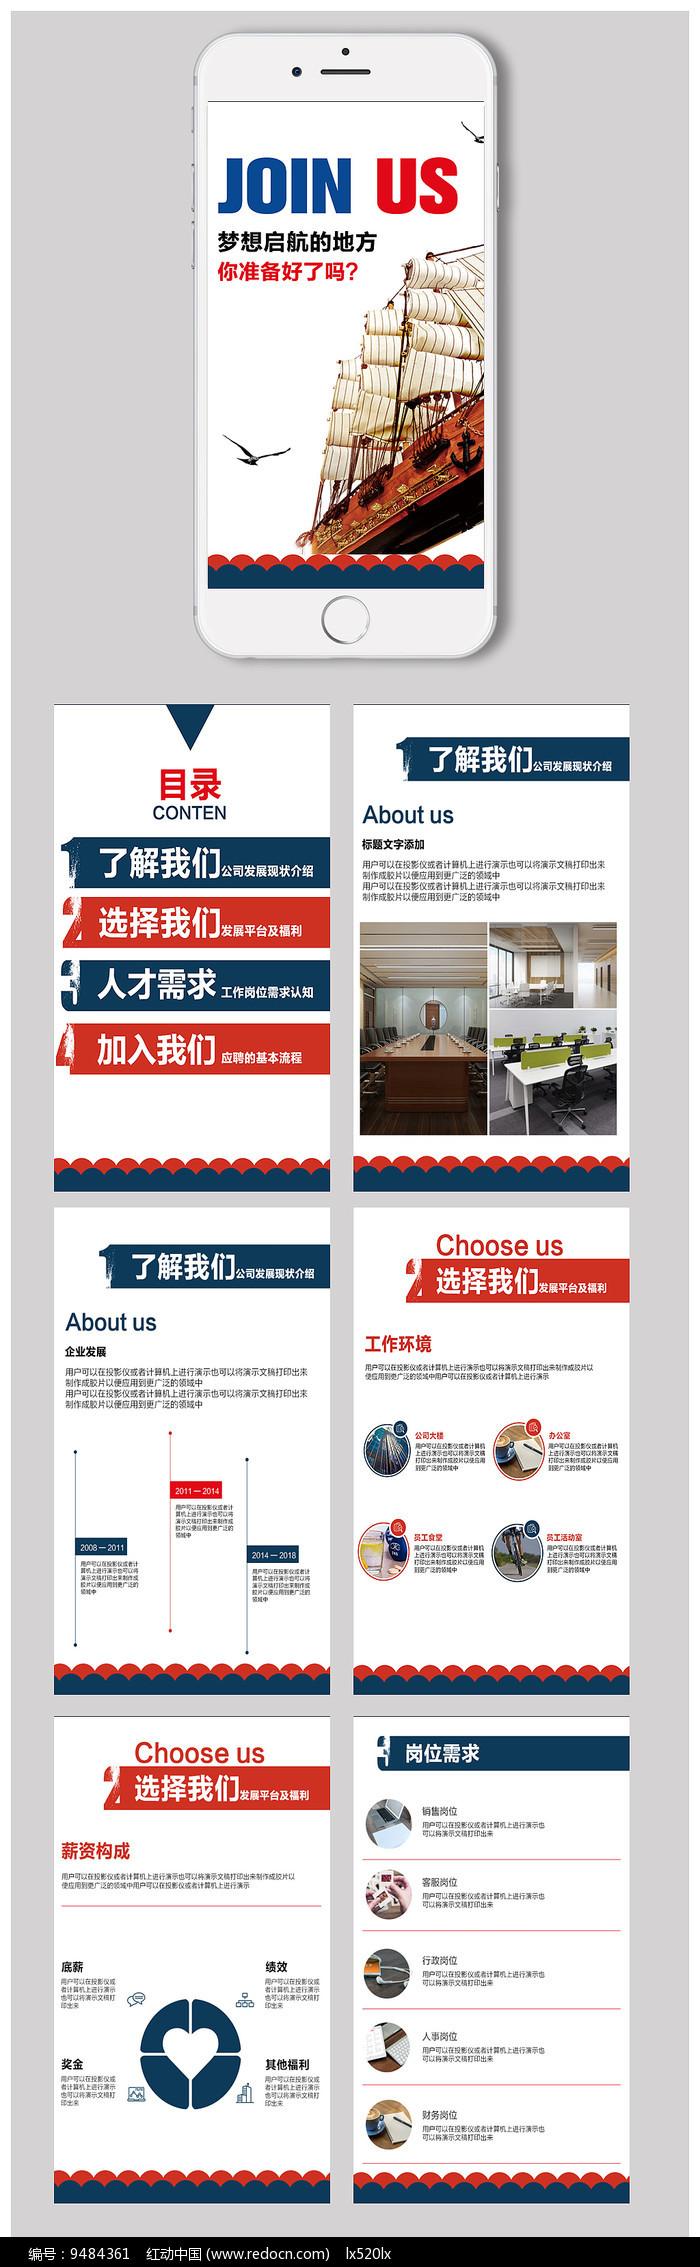 微信h5招聘页面设计图片